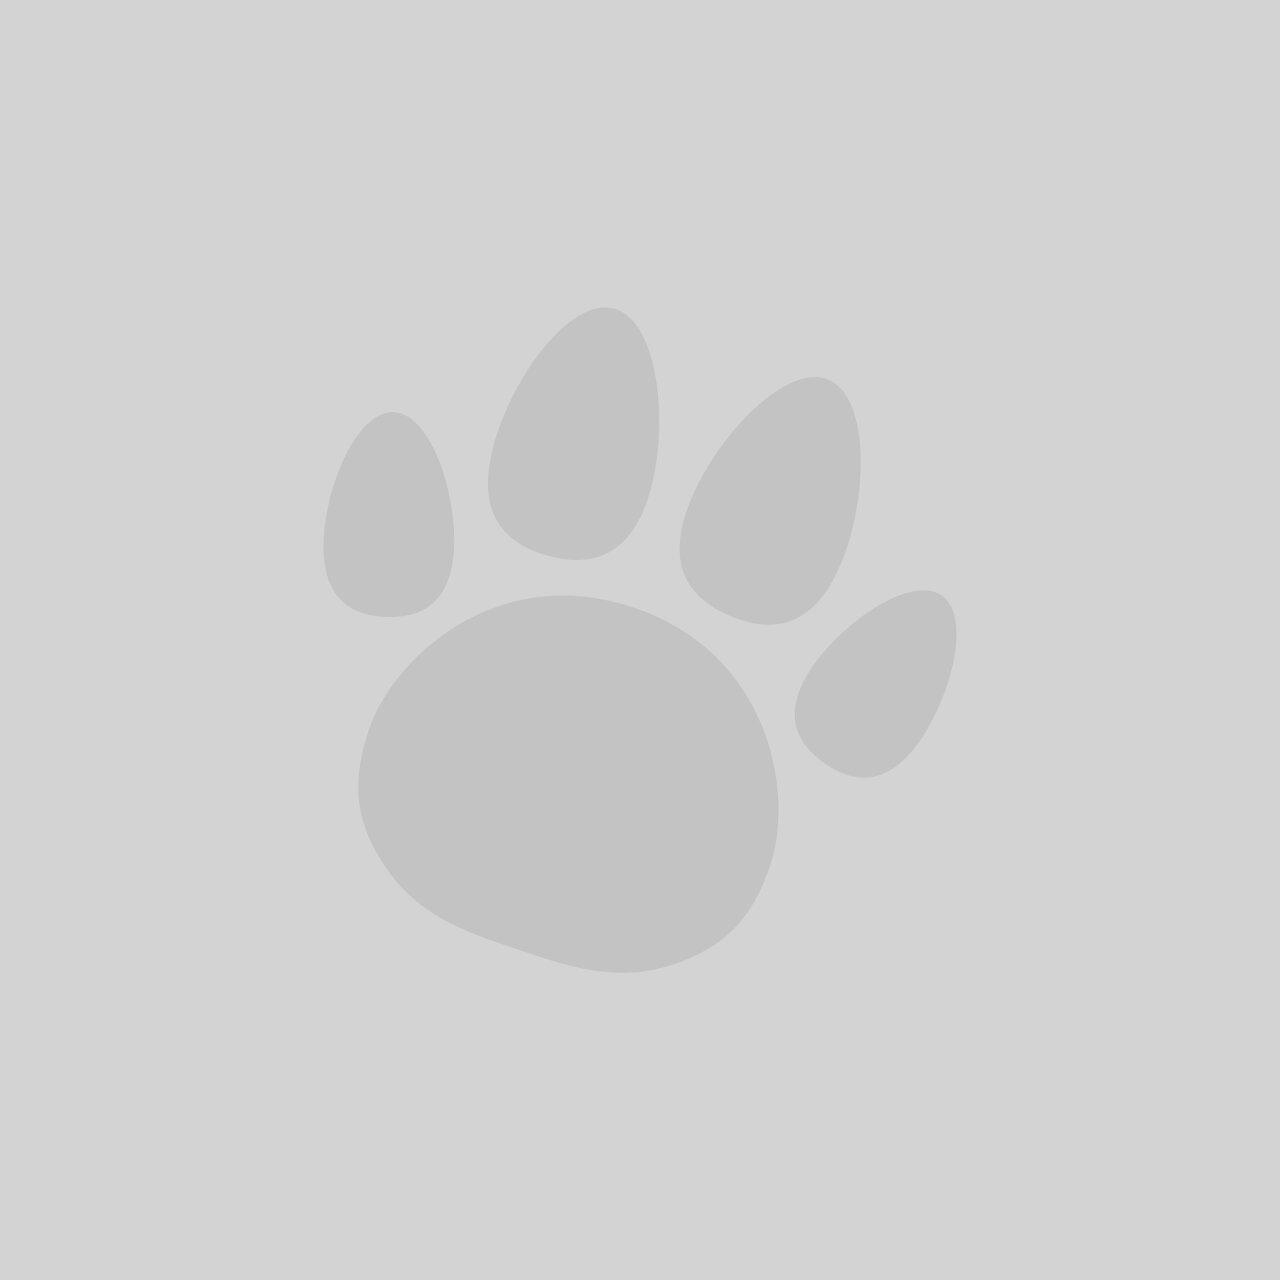 Doodlebone Airmesh Dog Harness Red (size option)